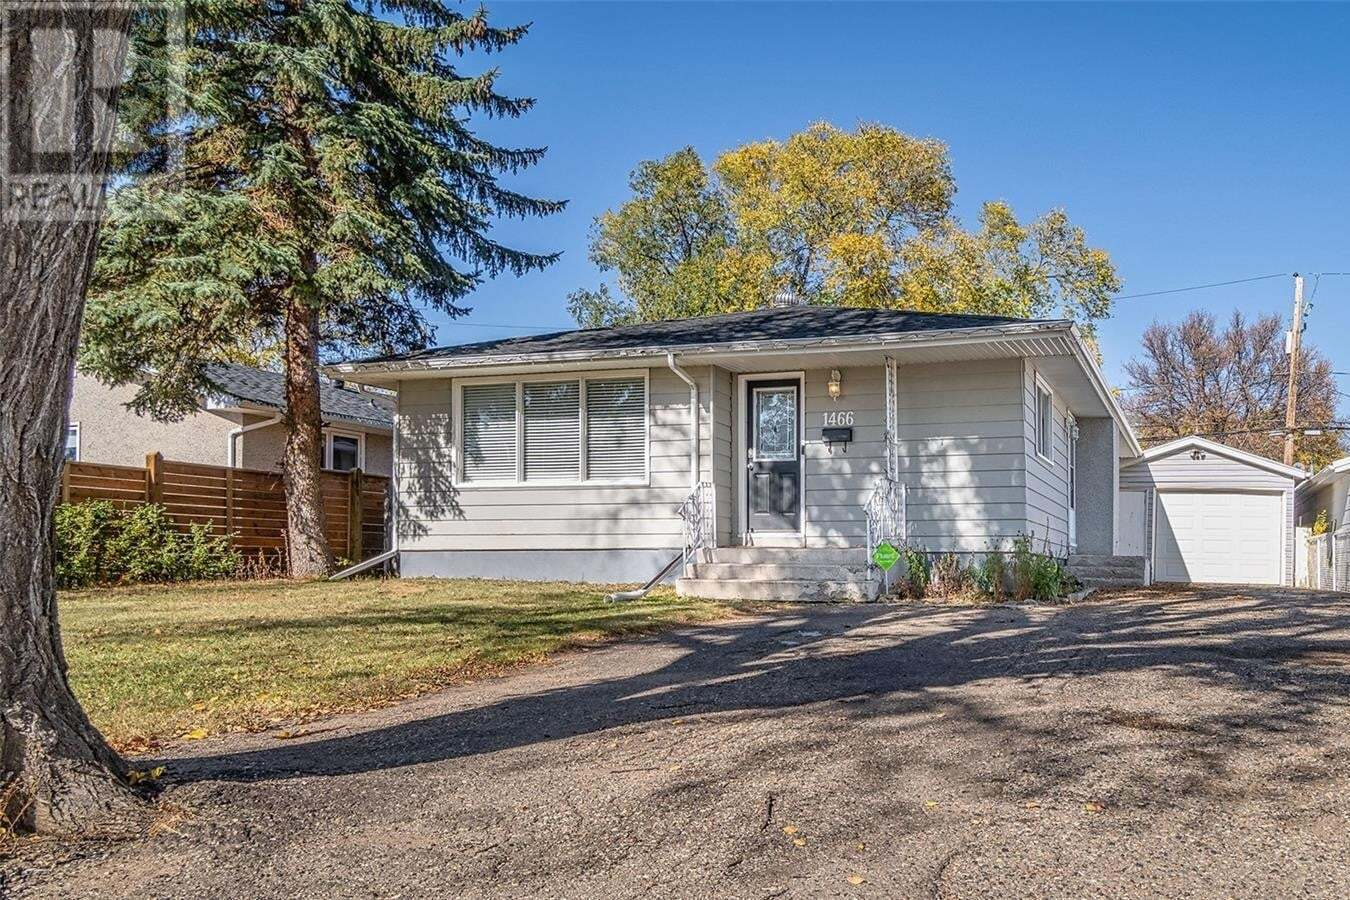 House for sale at 1466 Grace St Moose Jaw Saskatchewan - MLS: SK828849